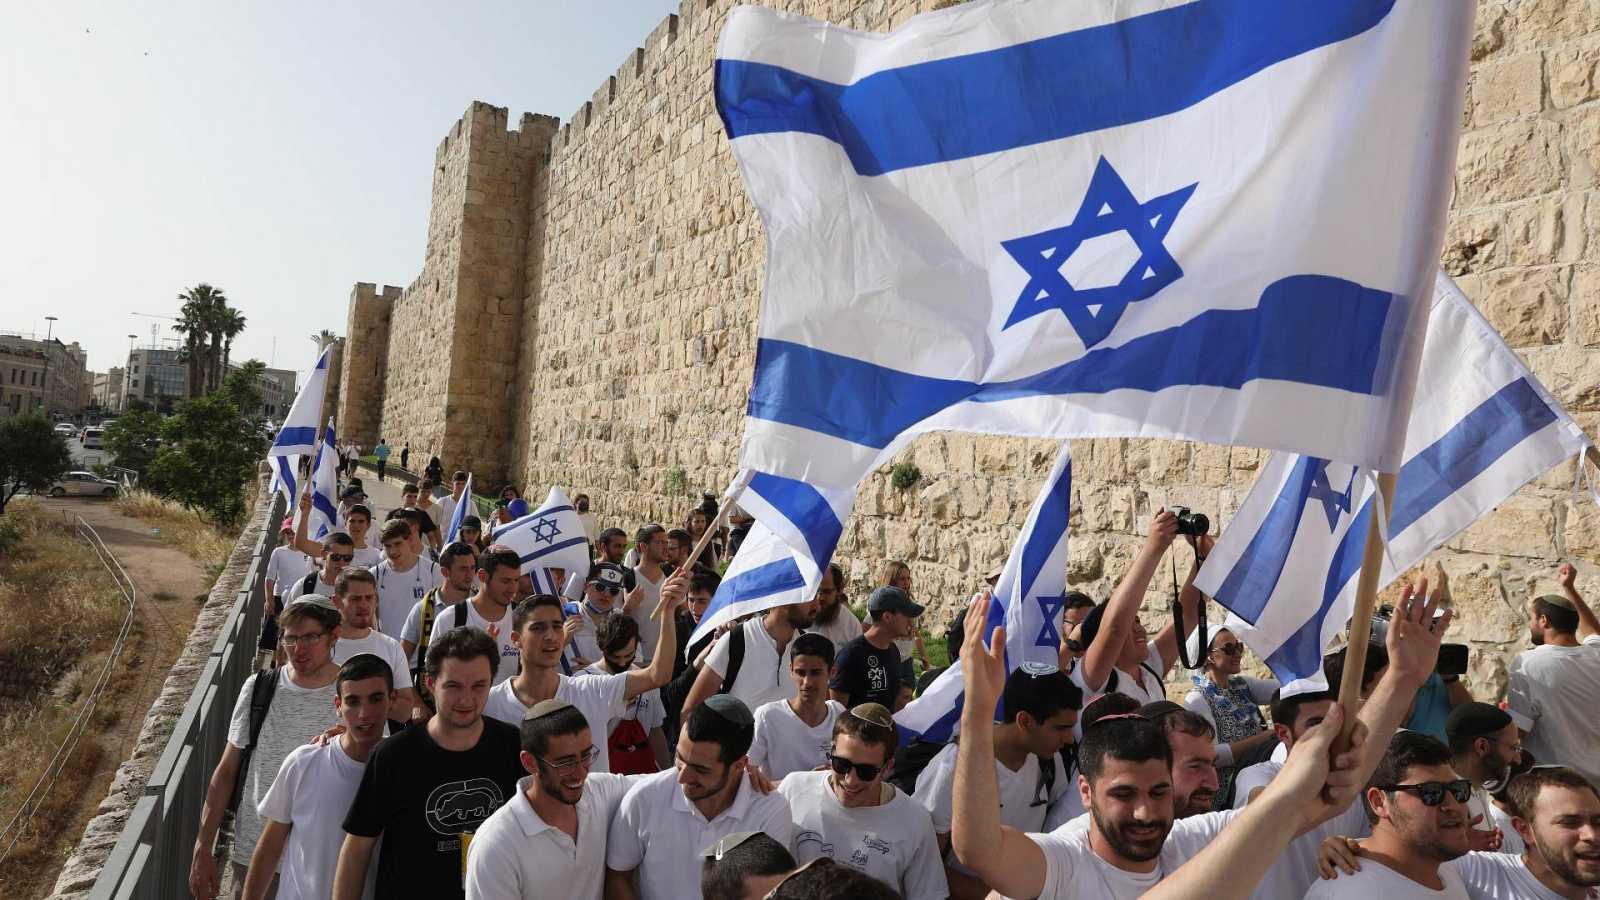 Los enfrentamientos causan el caos en el 'Día de Jerusalén'